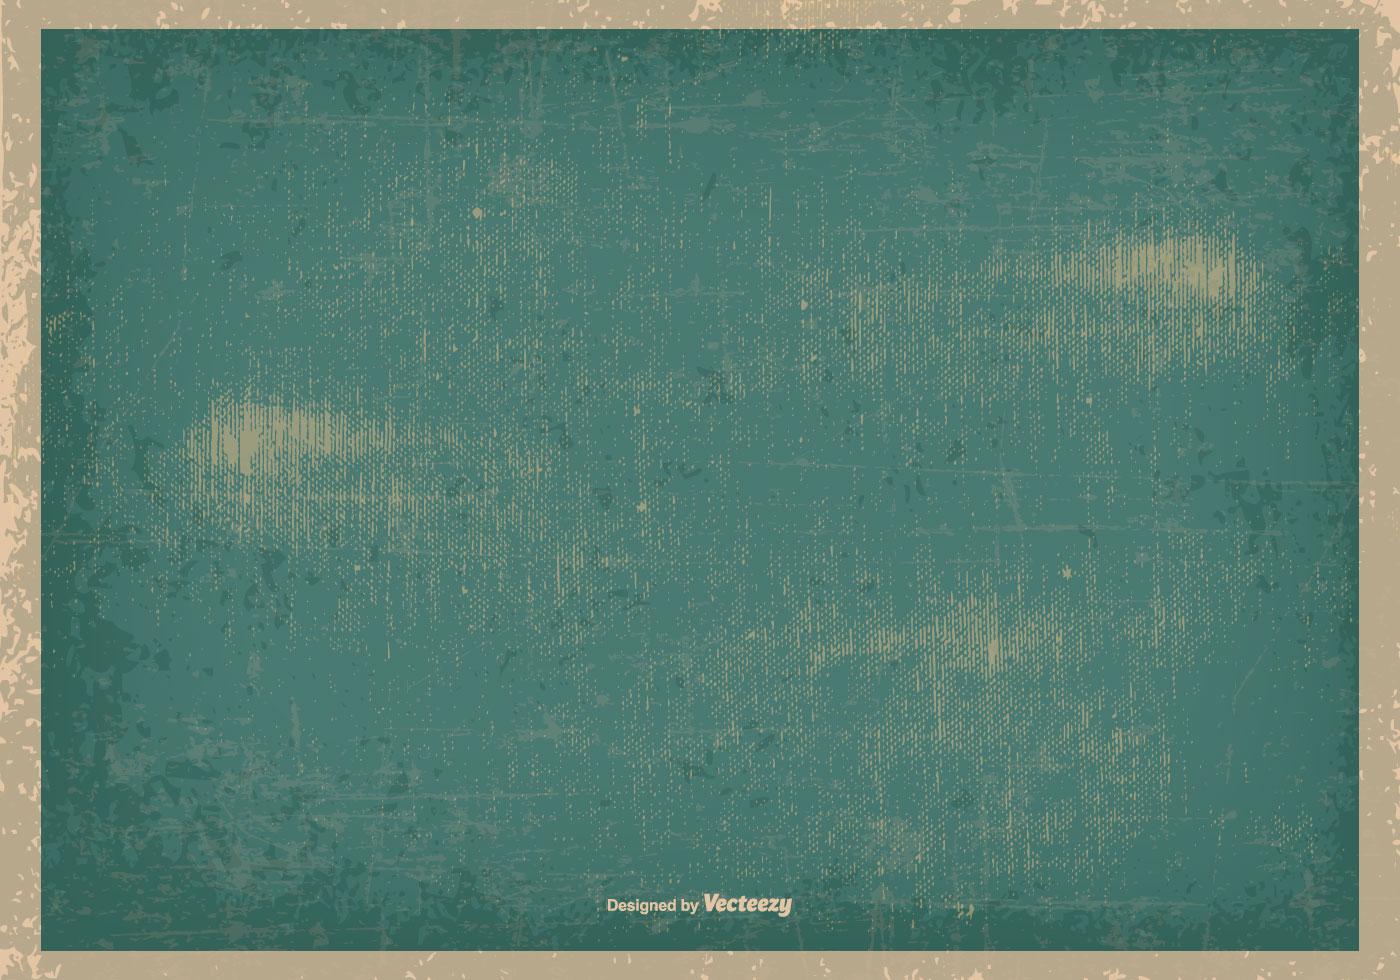 Retro Vector Grunge Background